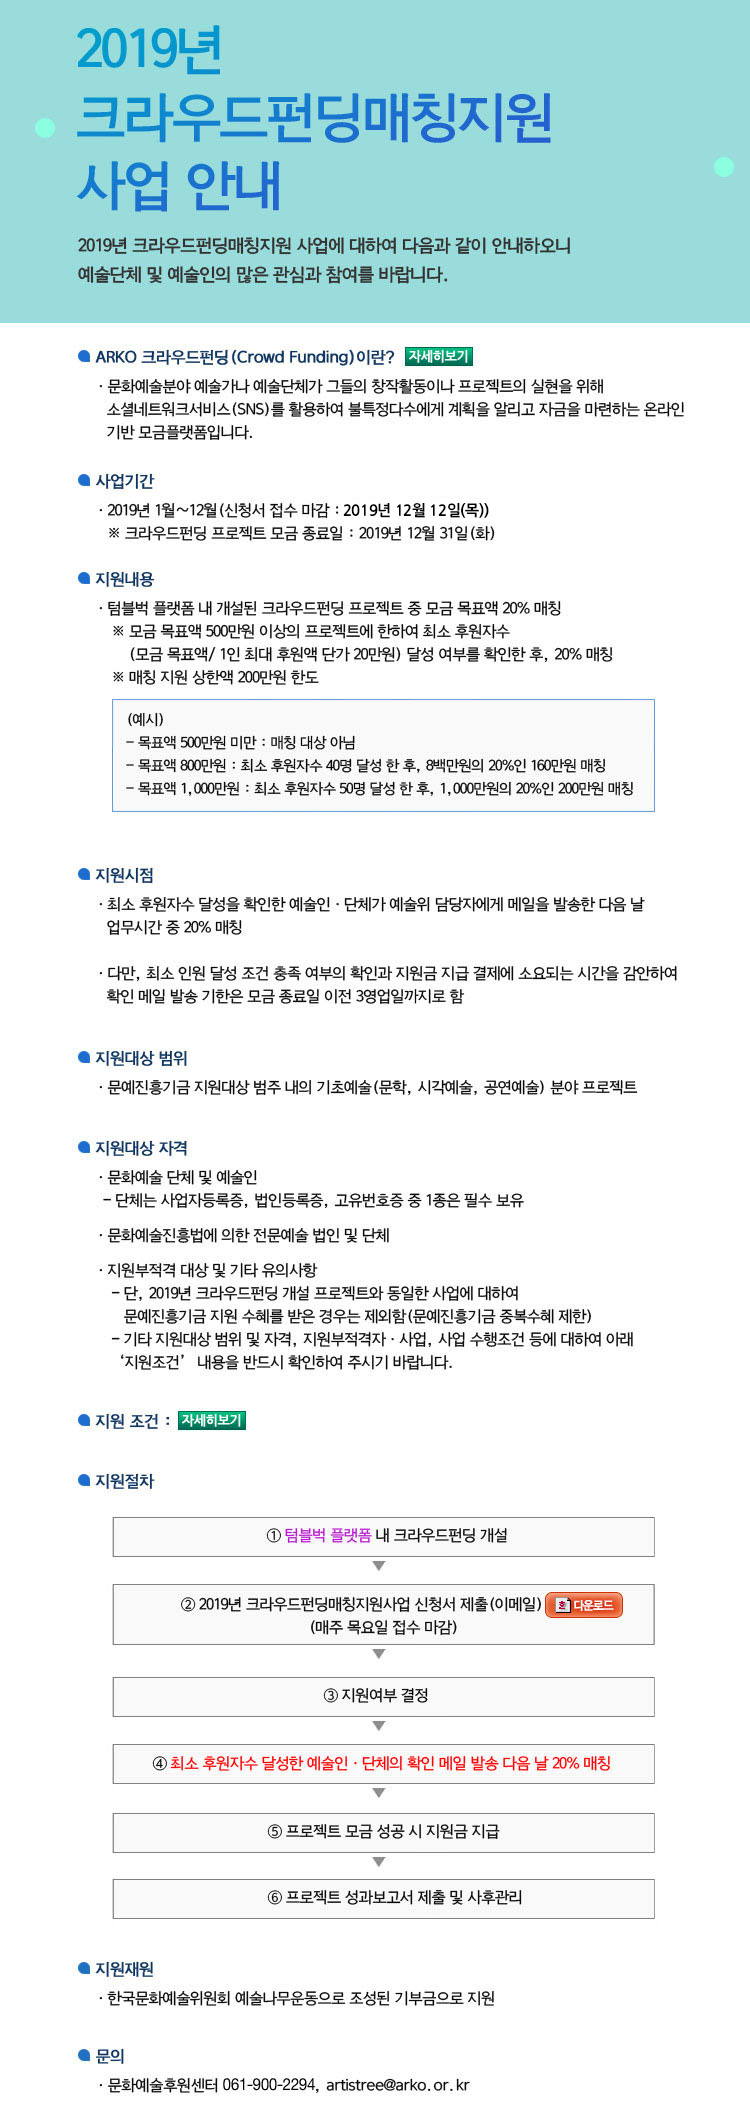 2019년 크라우드펀딩매칭지 원 사업 안내